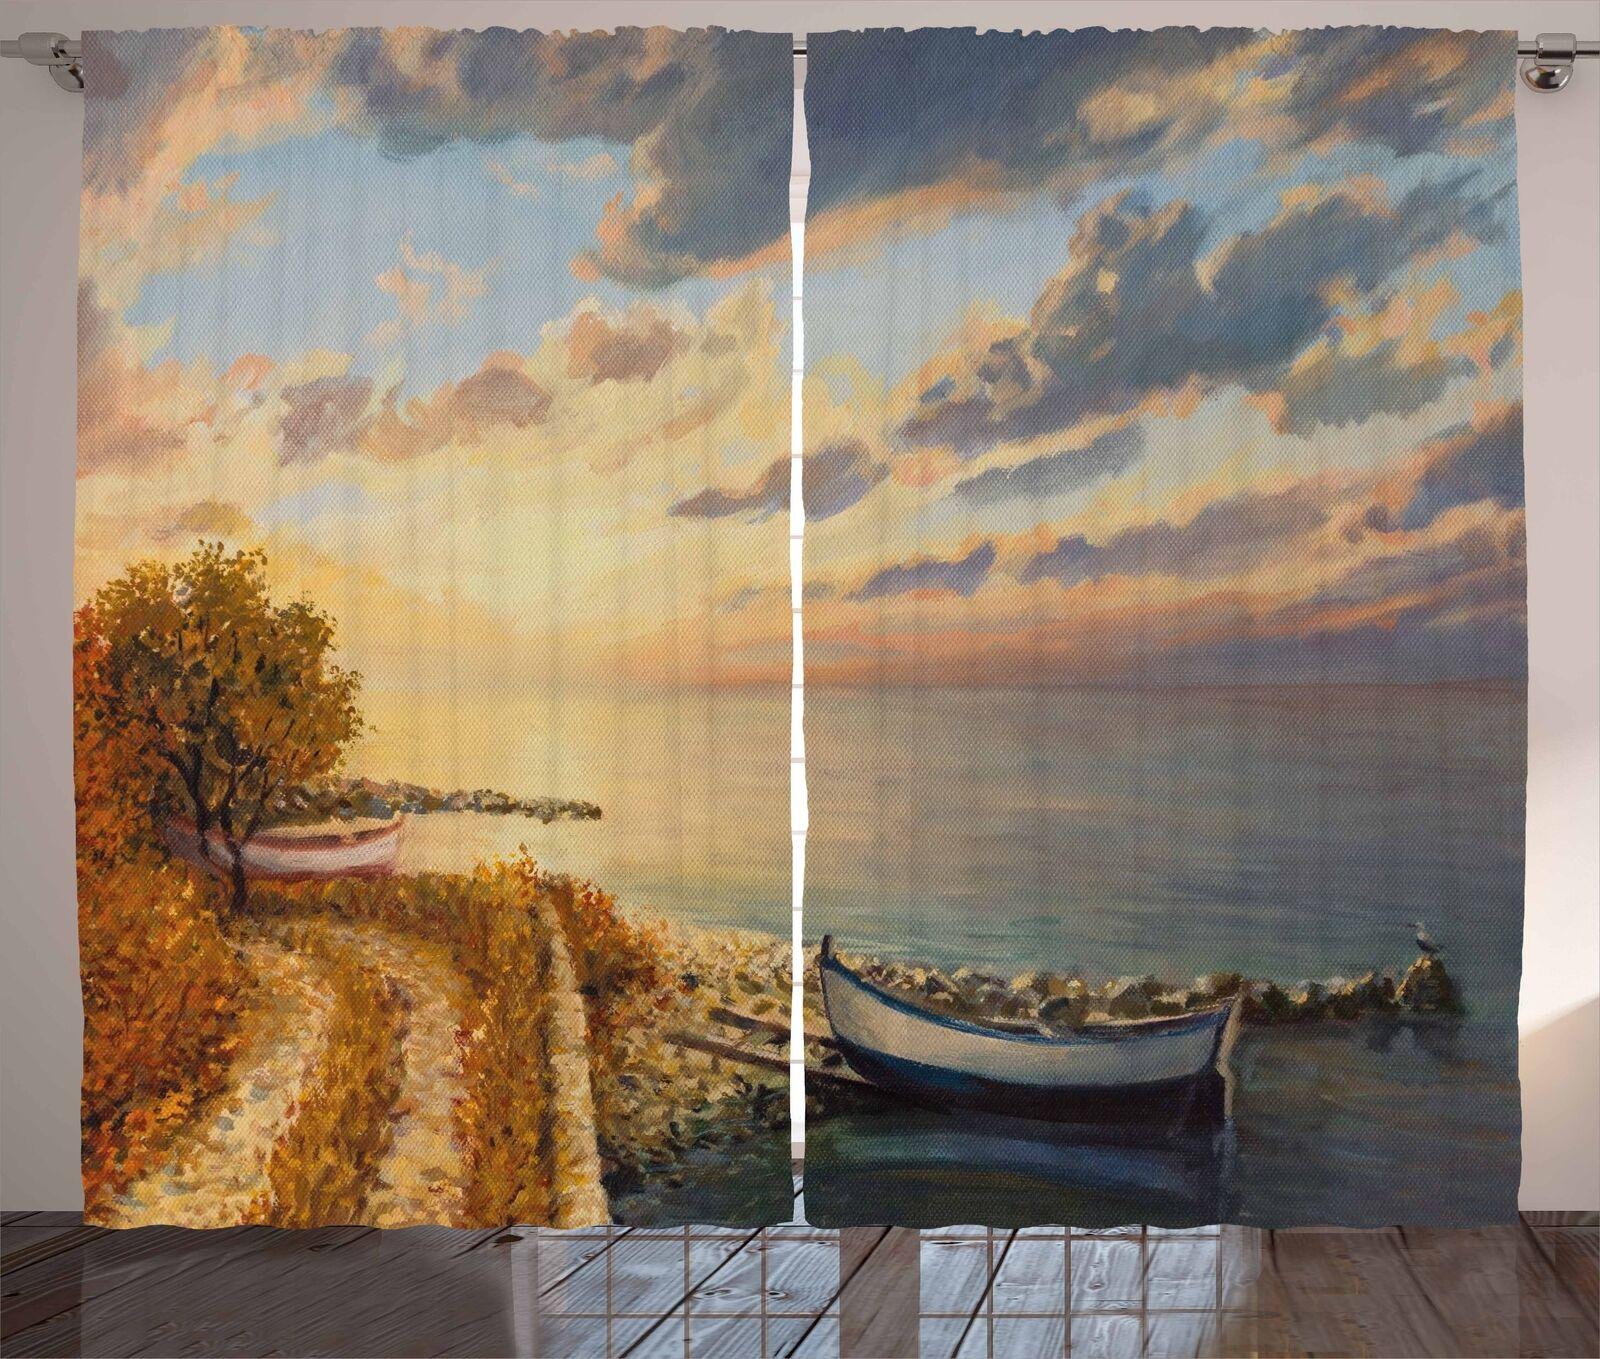 Cortinas de arte romántico amanecer por mar Ventana Cortinas 2 pulgadas Panel Set 108x84